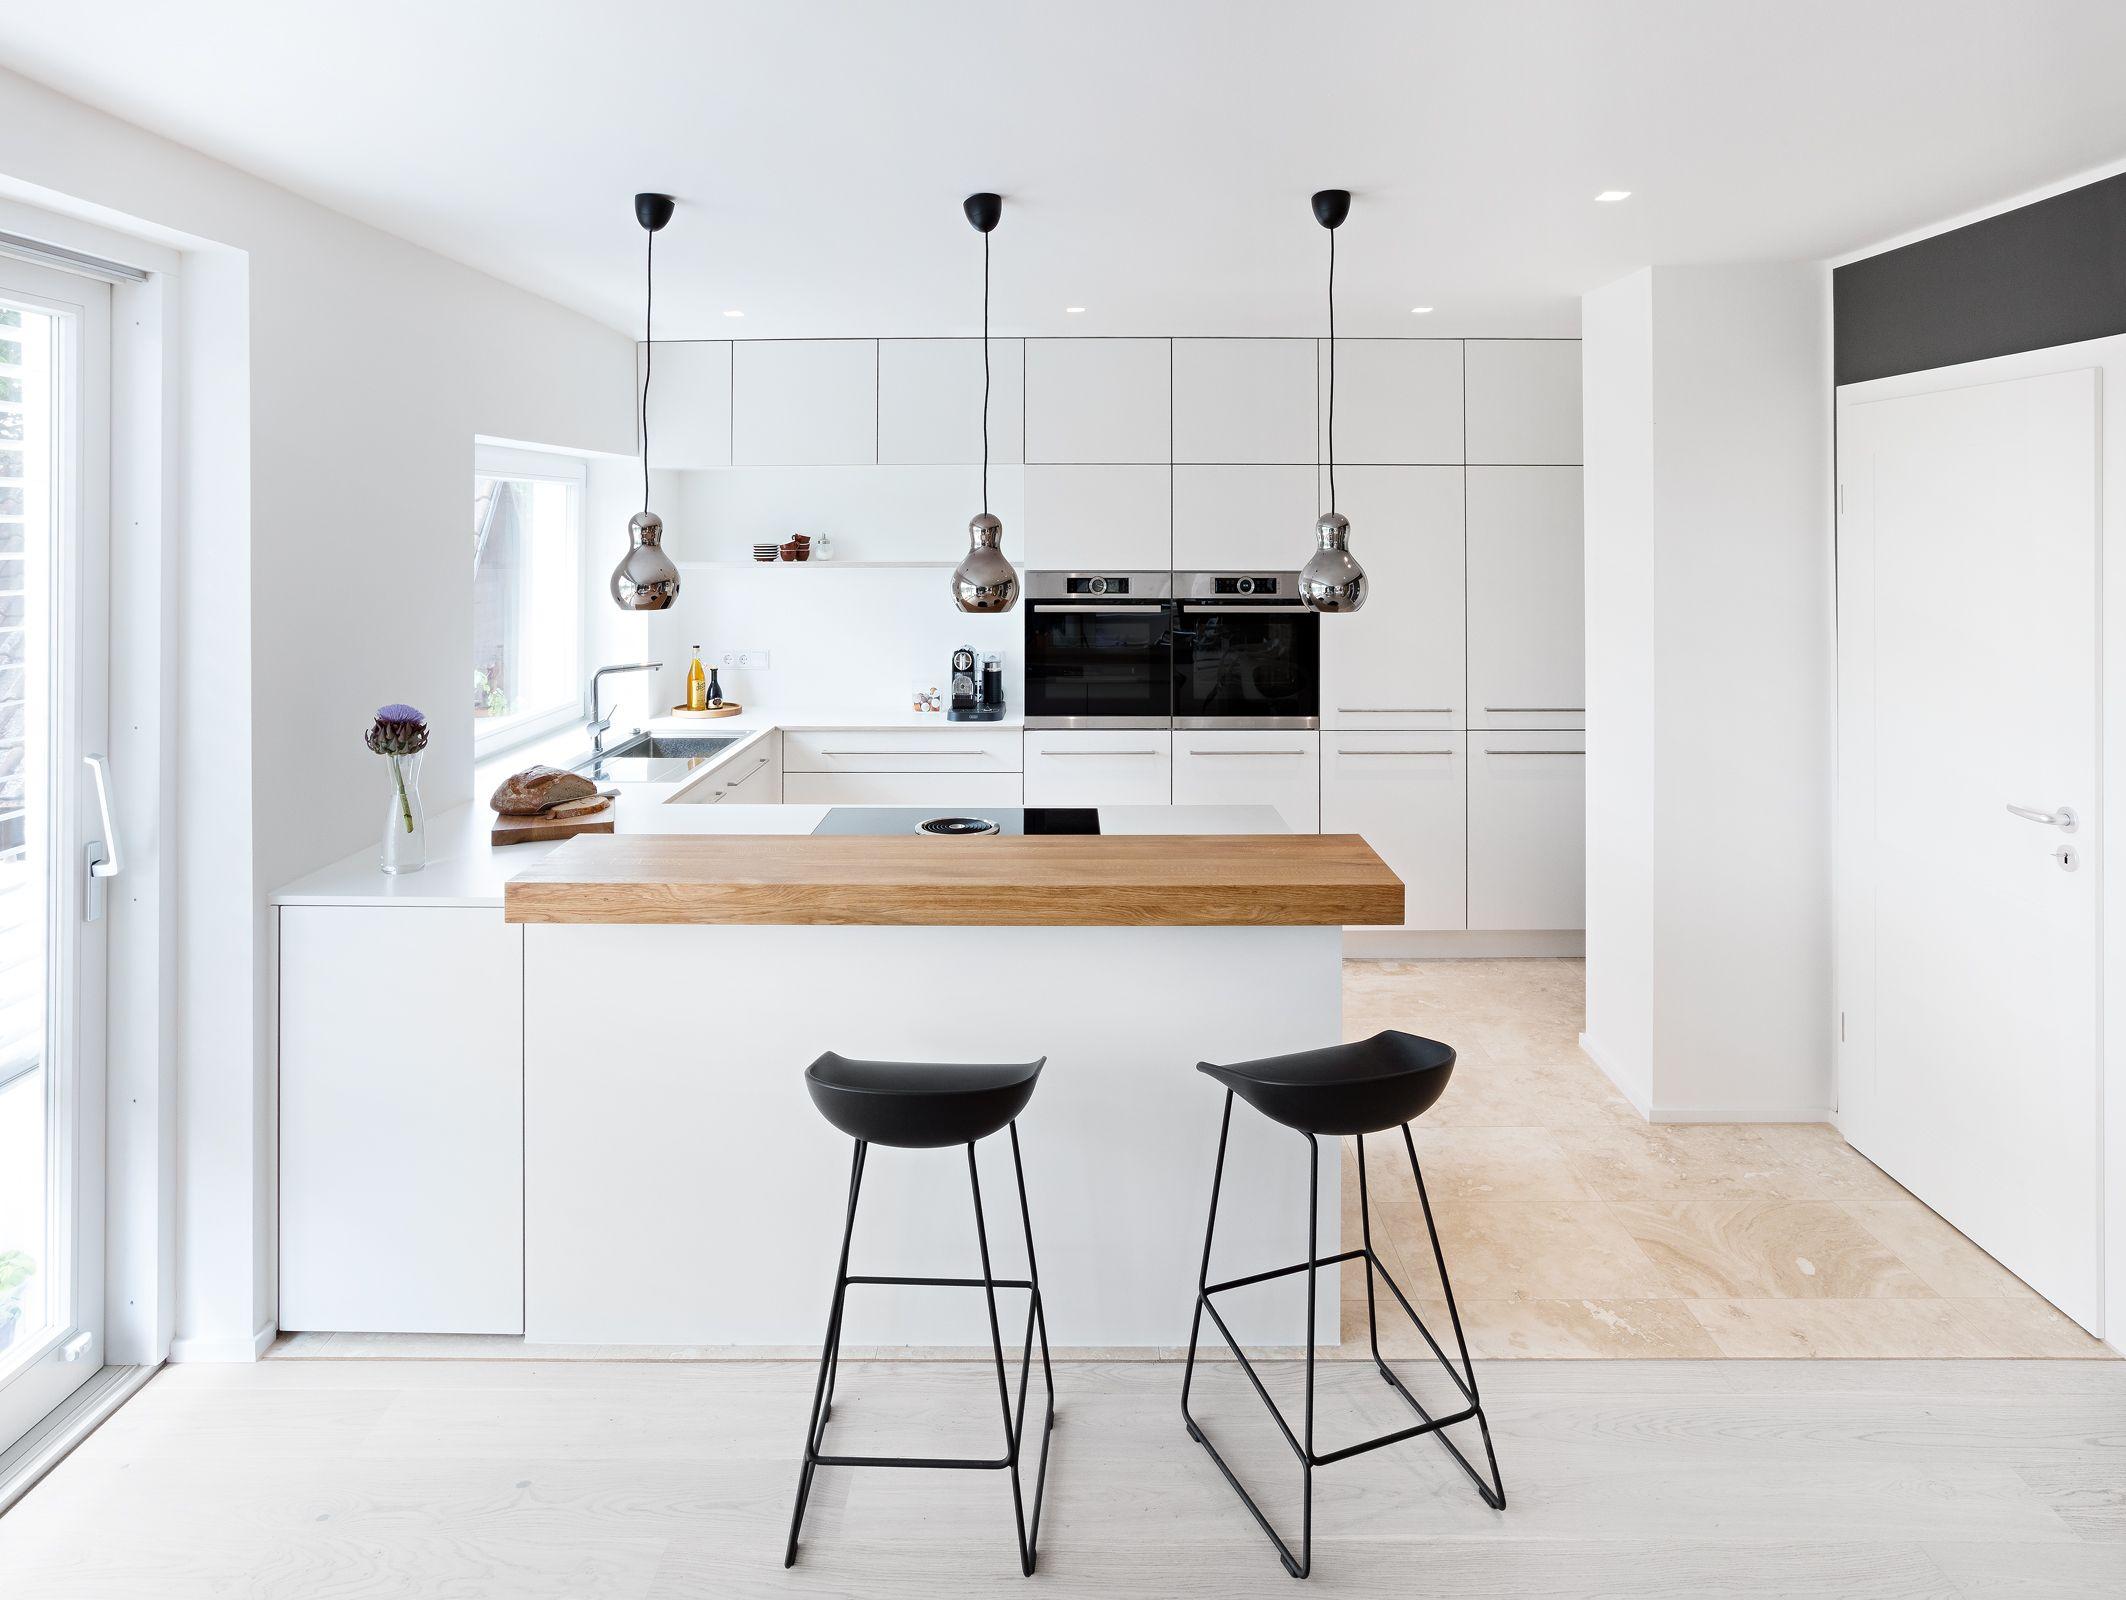 Weisse Kuche In Modernem Design Mit Edelstahlgriffen Kochinsel